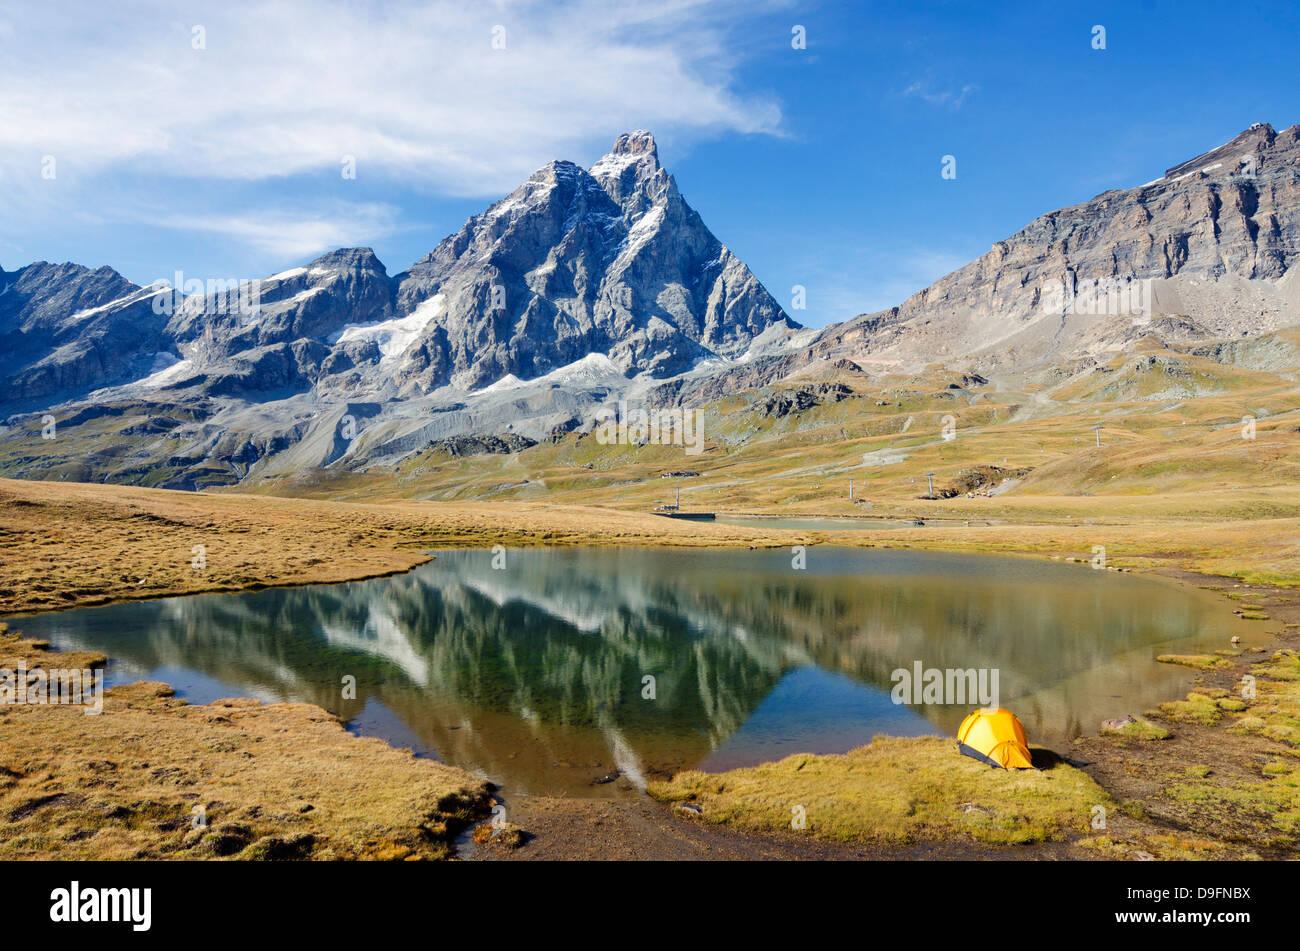 Monte Cervino (le Cervin), Breuil Cervinia, vallée d'Aoste, Alpes italiennes, Italie Banque D'Images